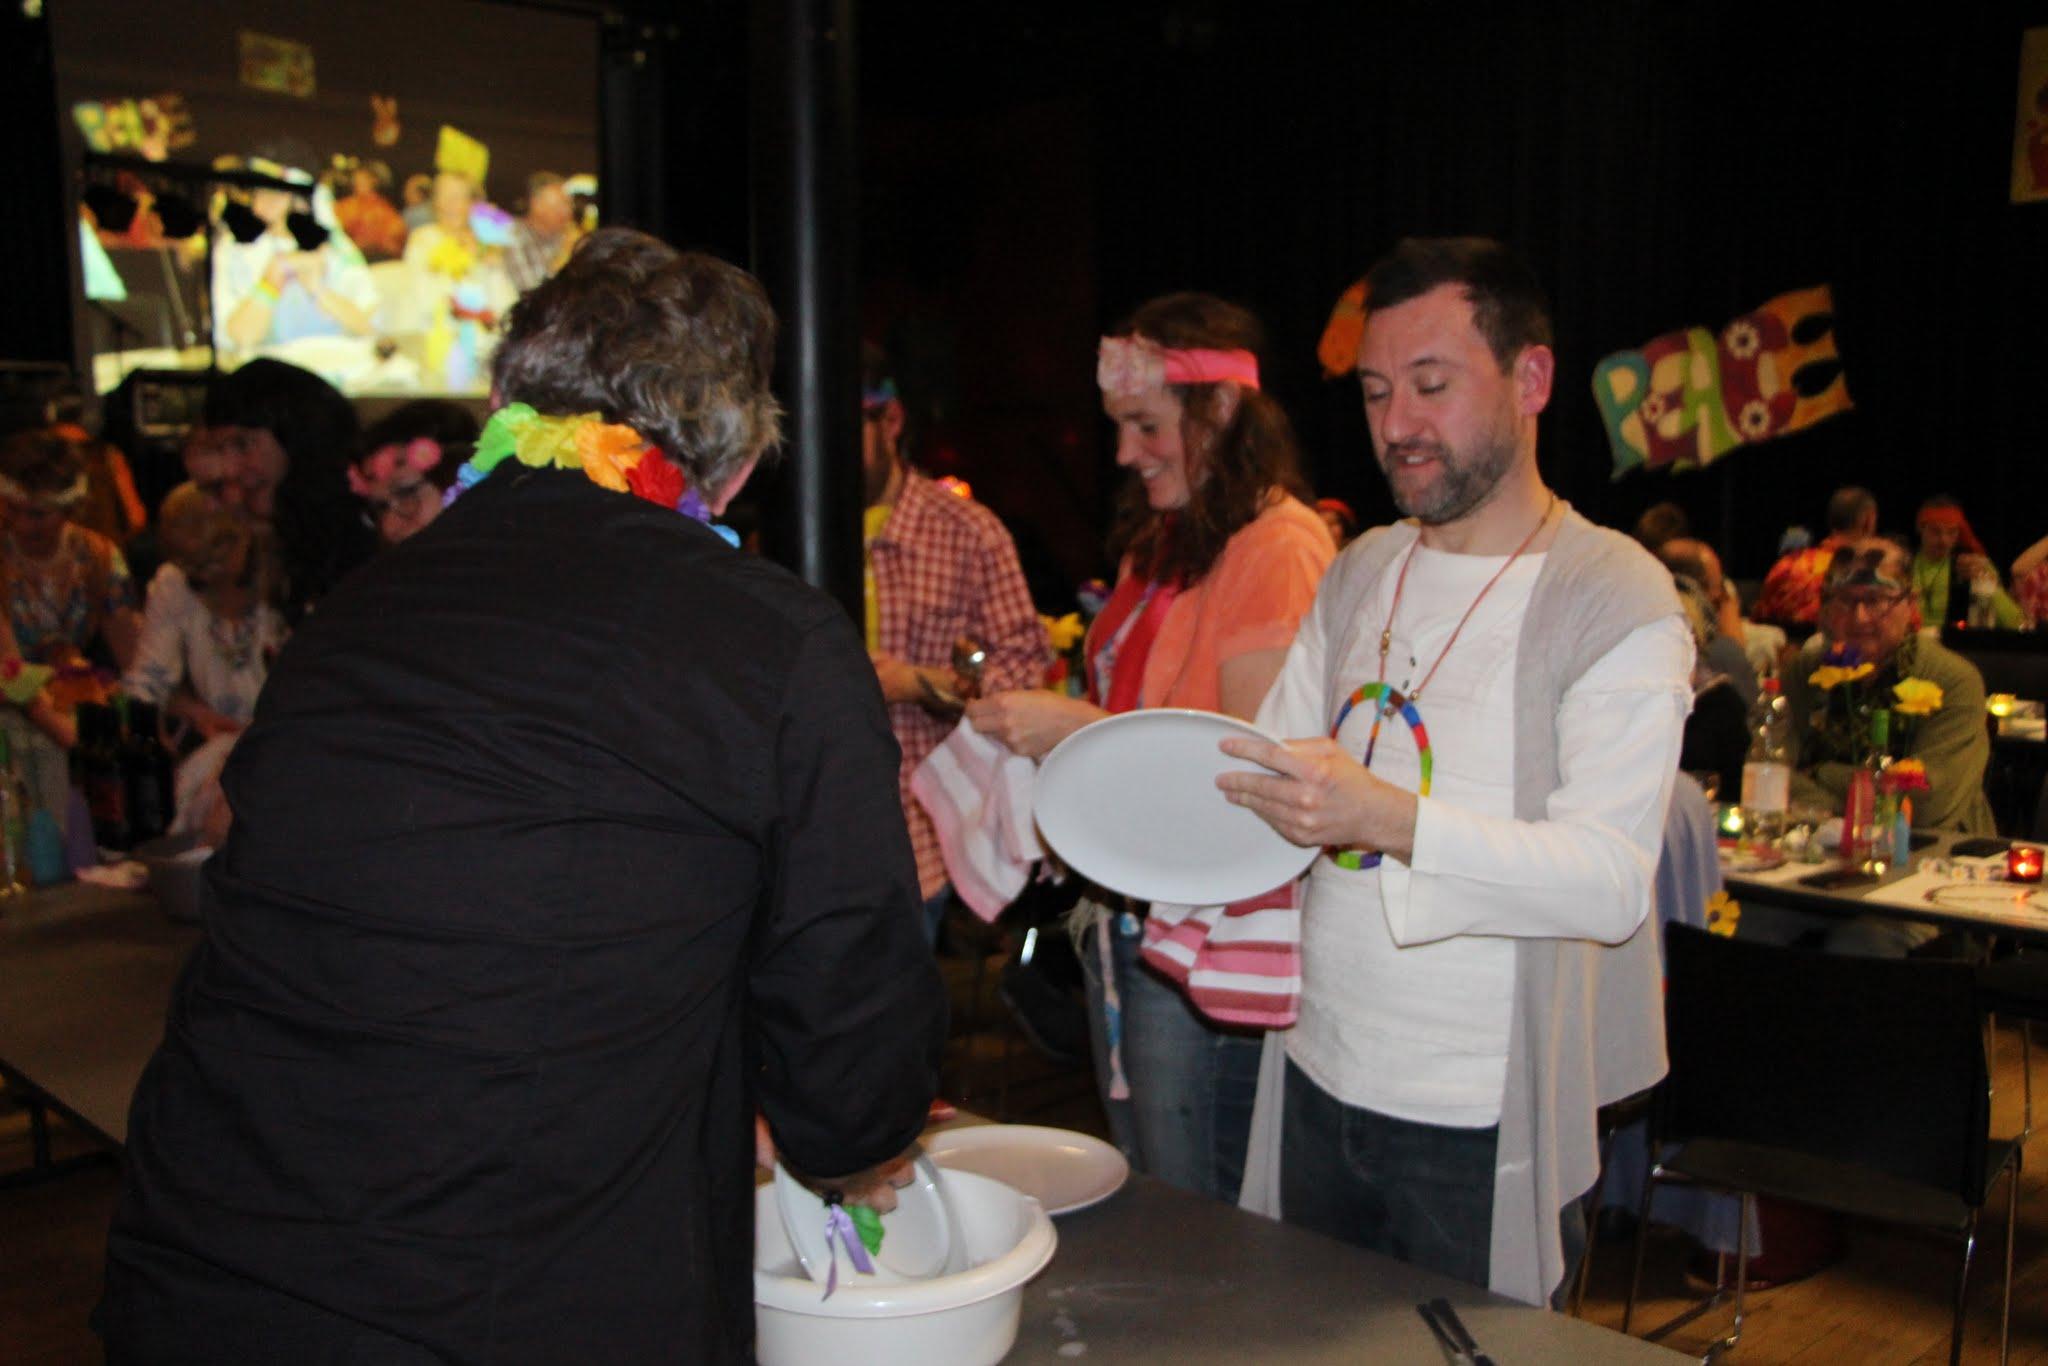 koorfeest-van-de-alten-24-02-2018-21-24-16